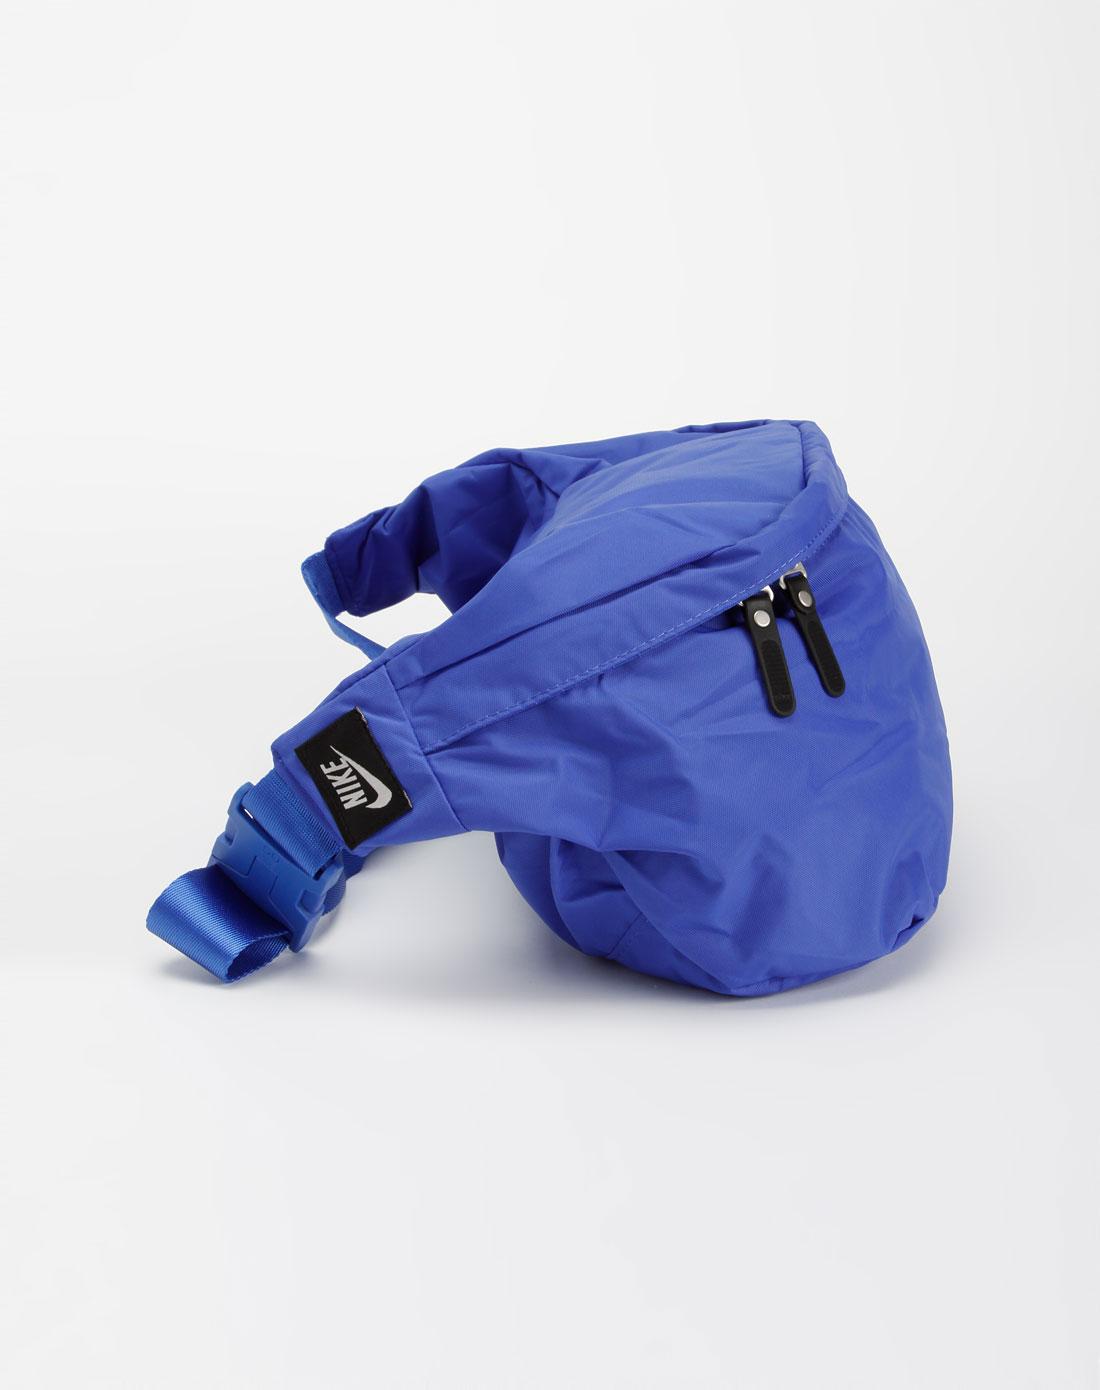 紫蓝色小斜挎包_耐克nike-男装专场官网特价1折起